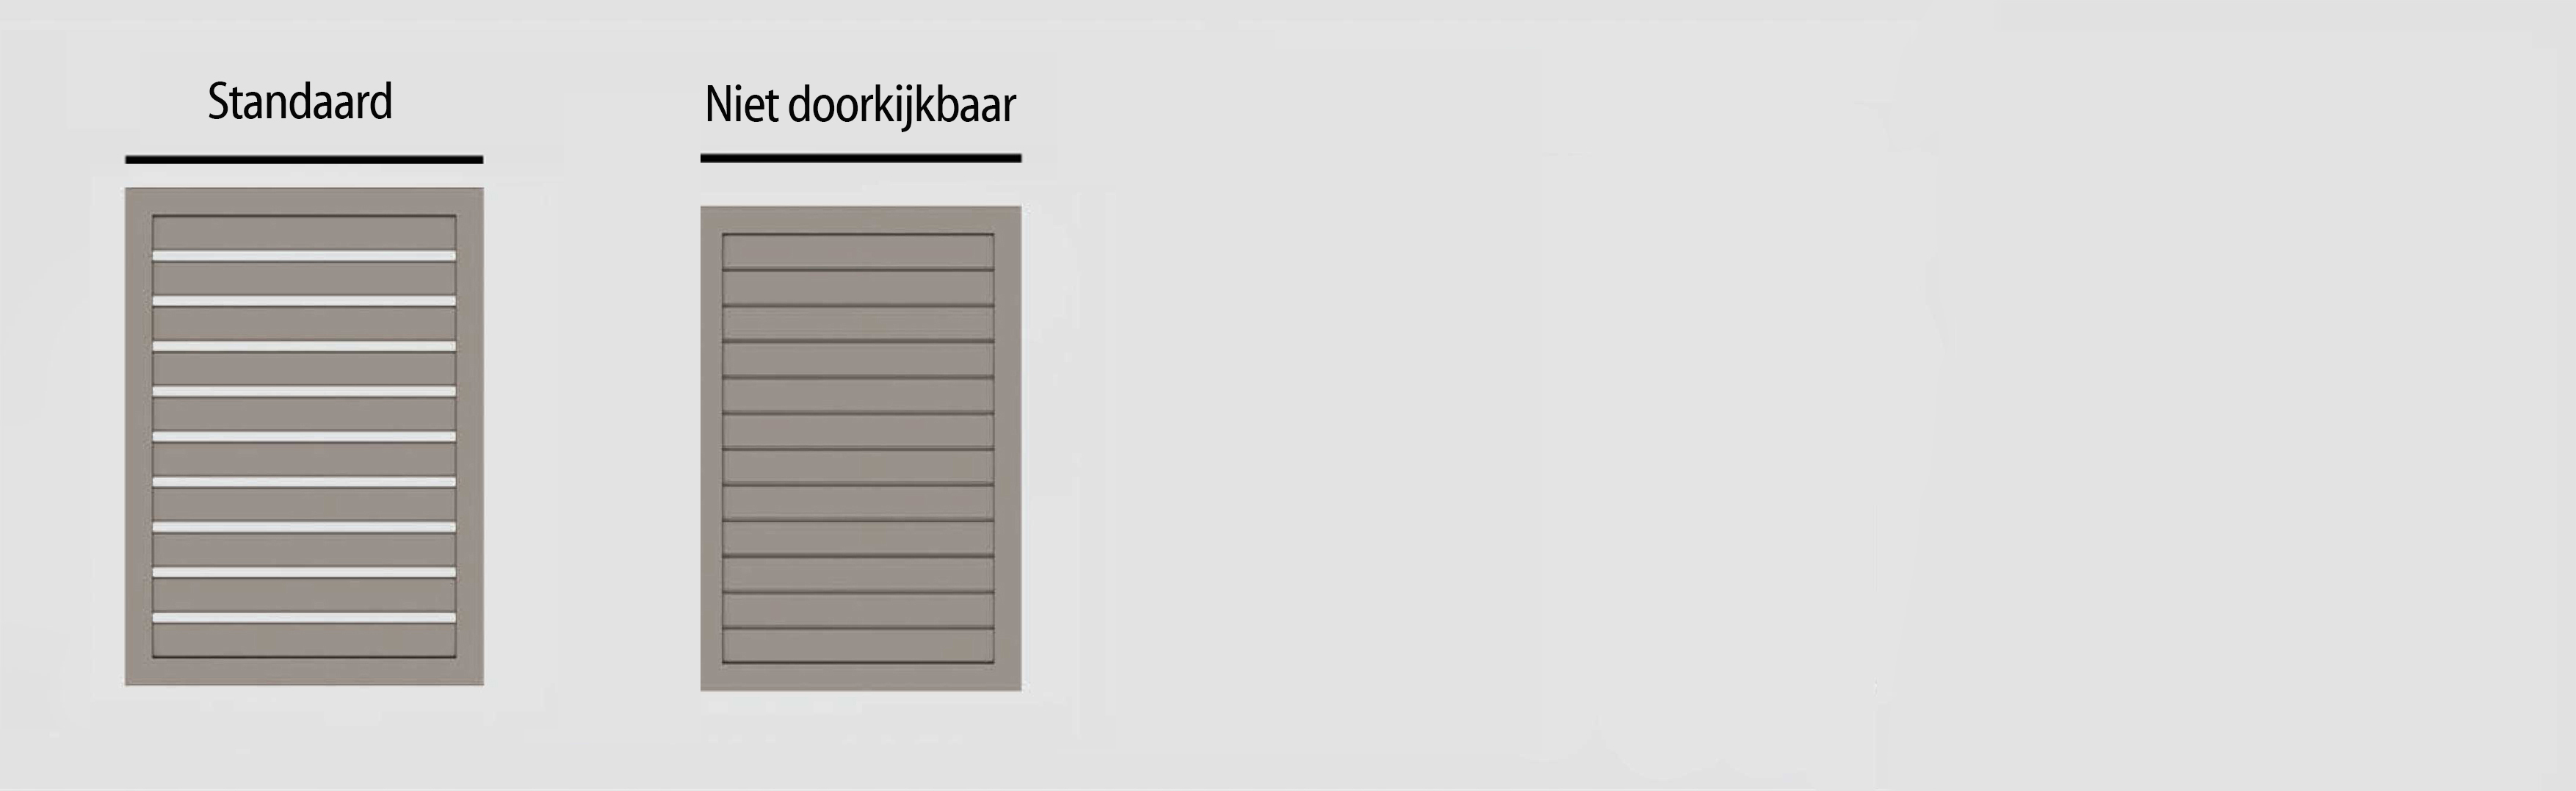 glenfiddichs schema2 - Poorten en hekwerk - model Glenfiddich S